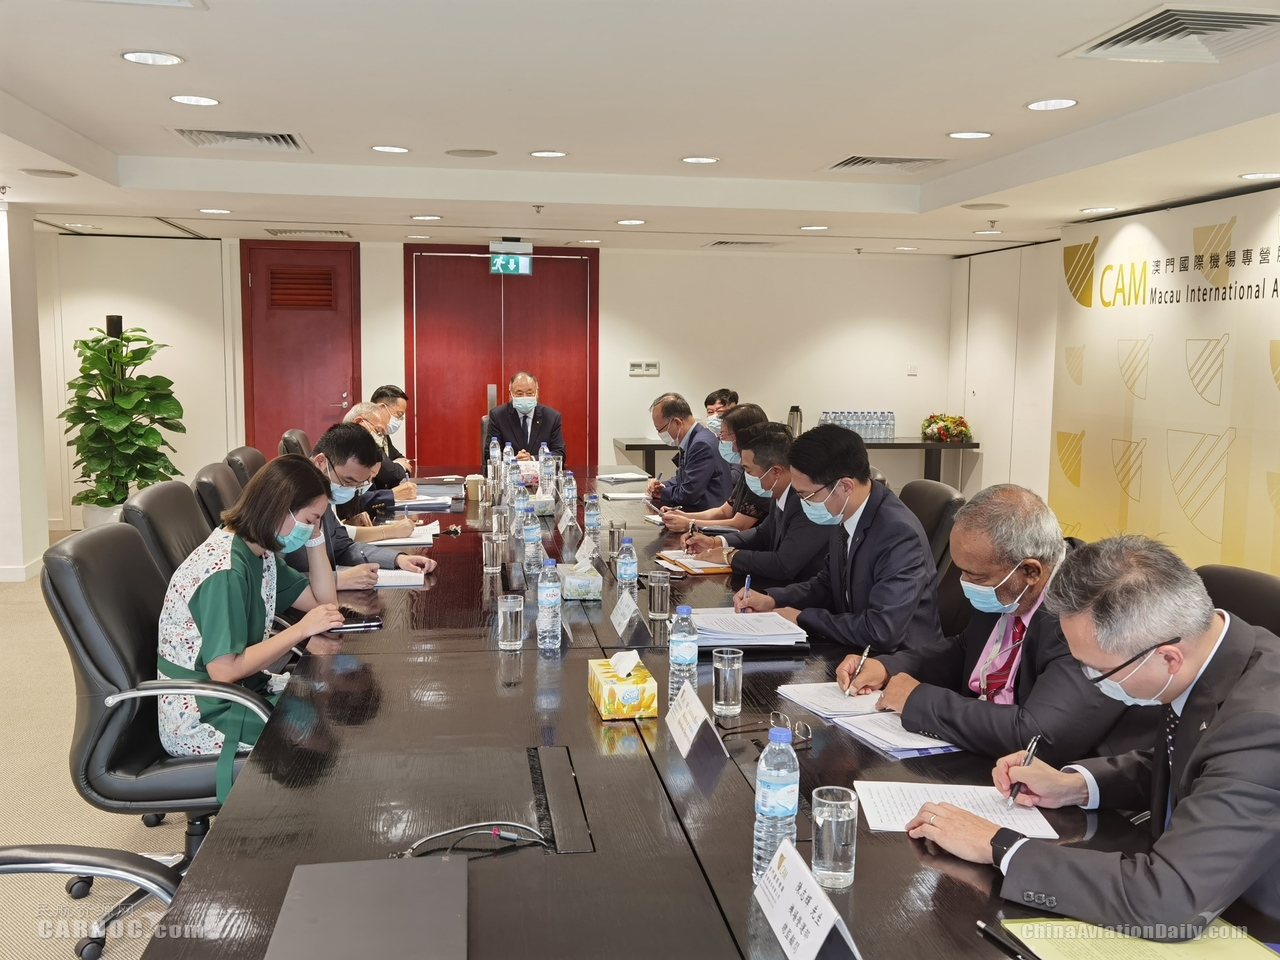 澳门机场第六次防疫应变工作小组会议 为营运复苏准备